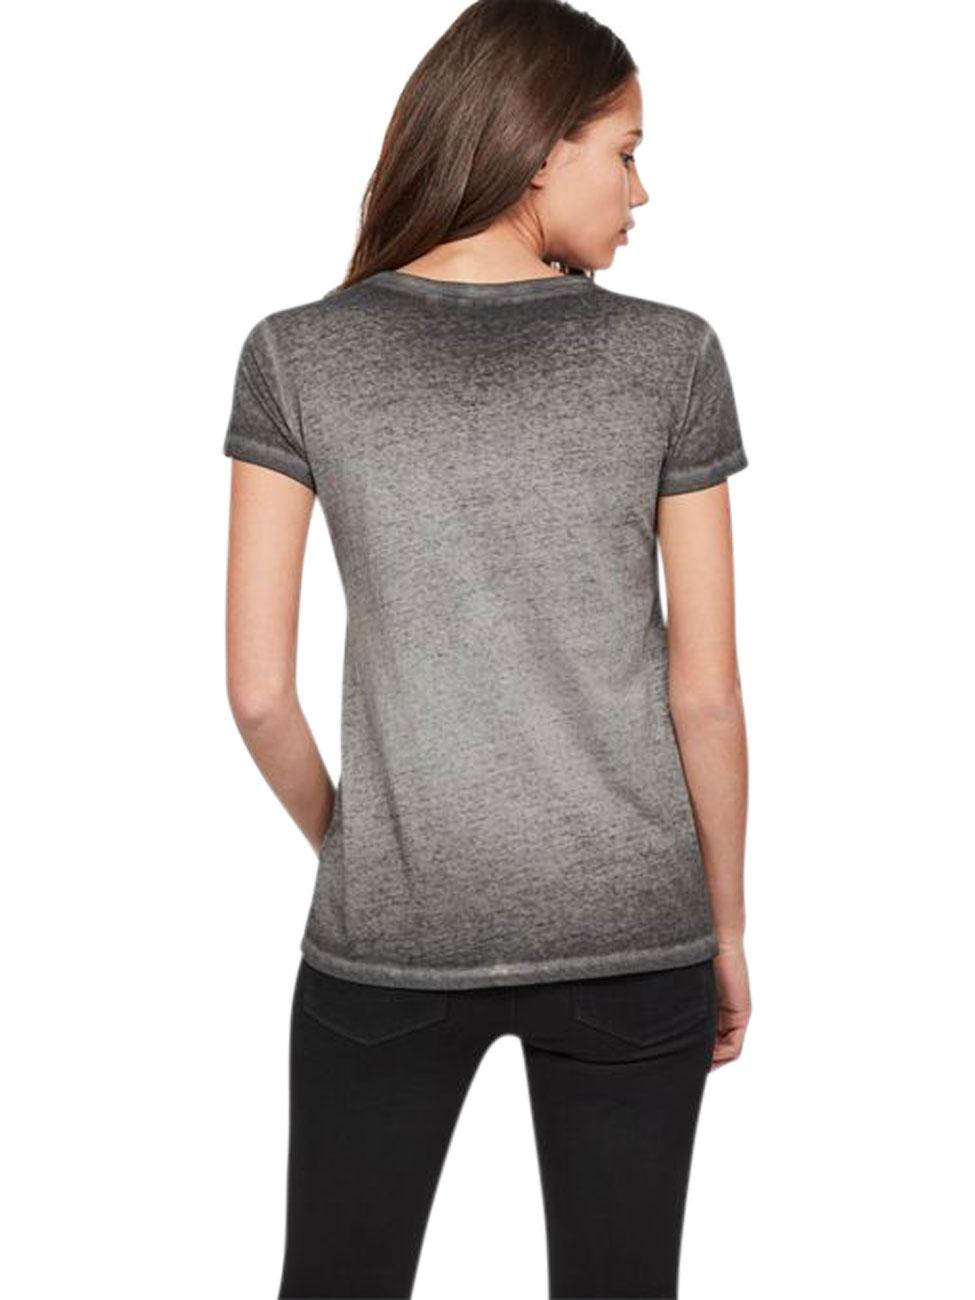 G-Star Damen T-Shirt Trozera - Straight Fit